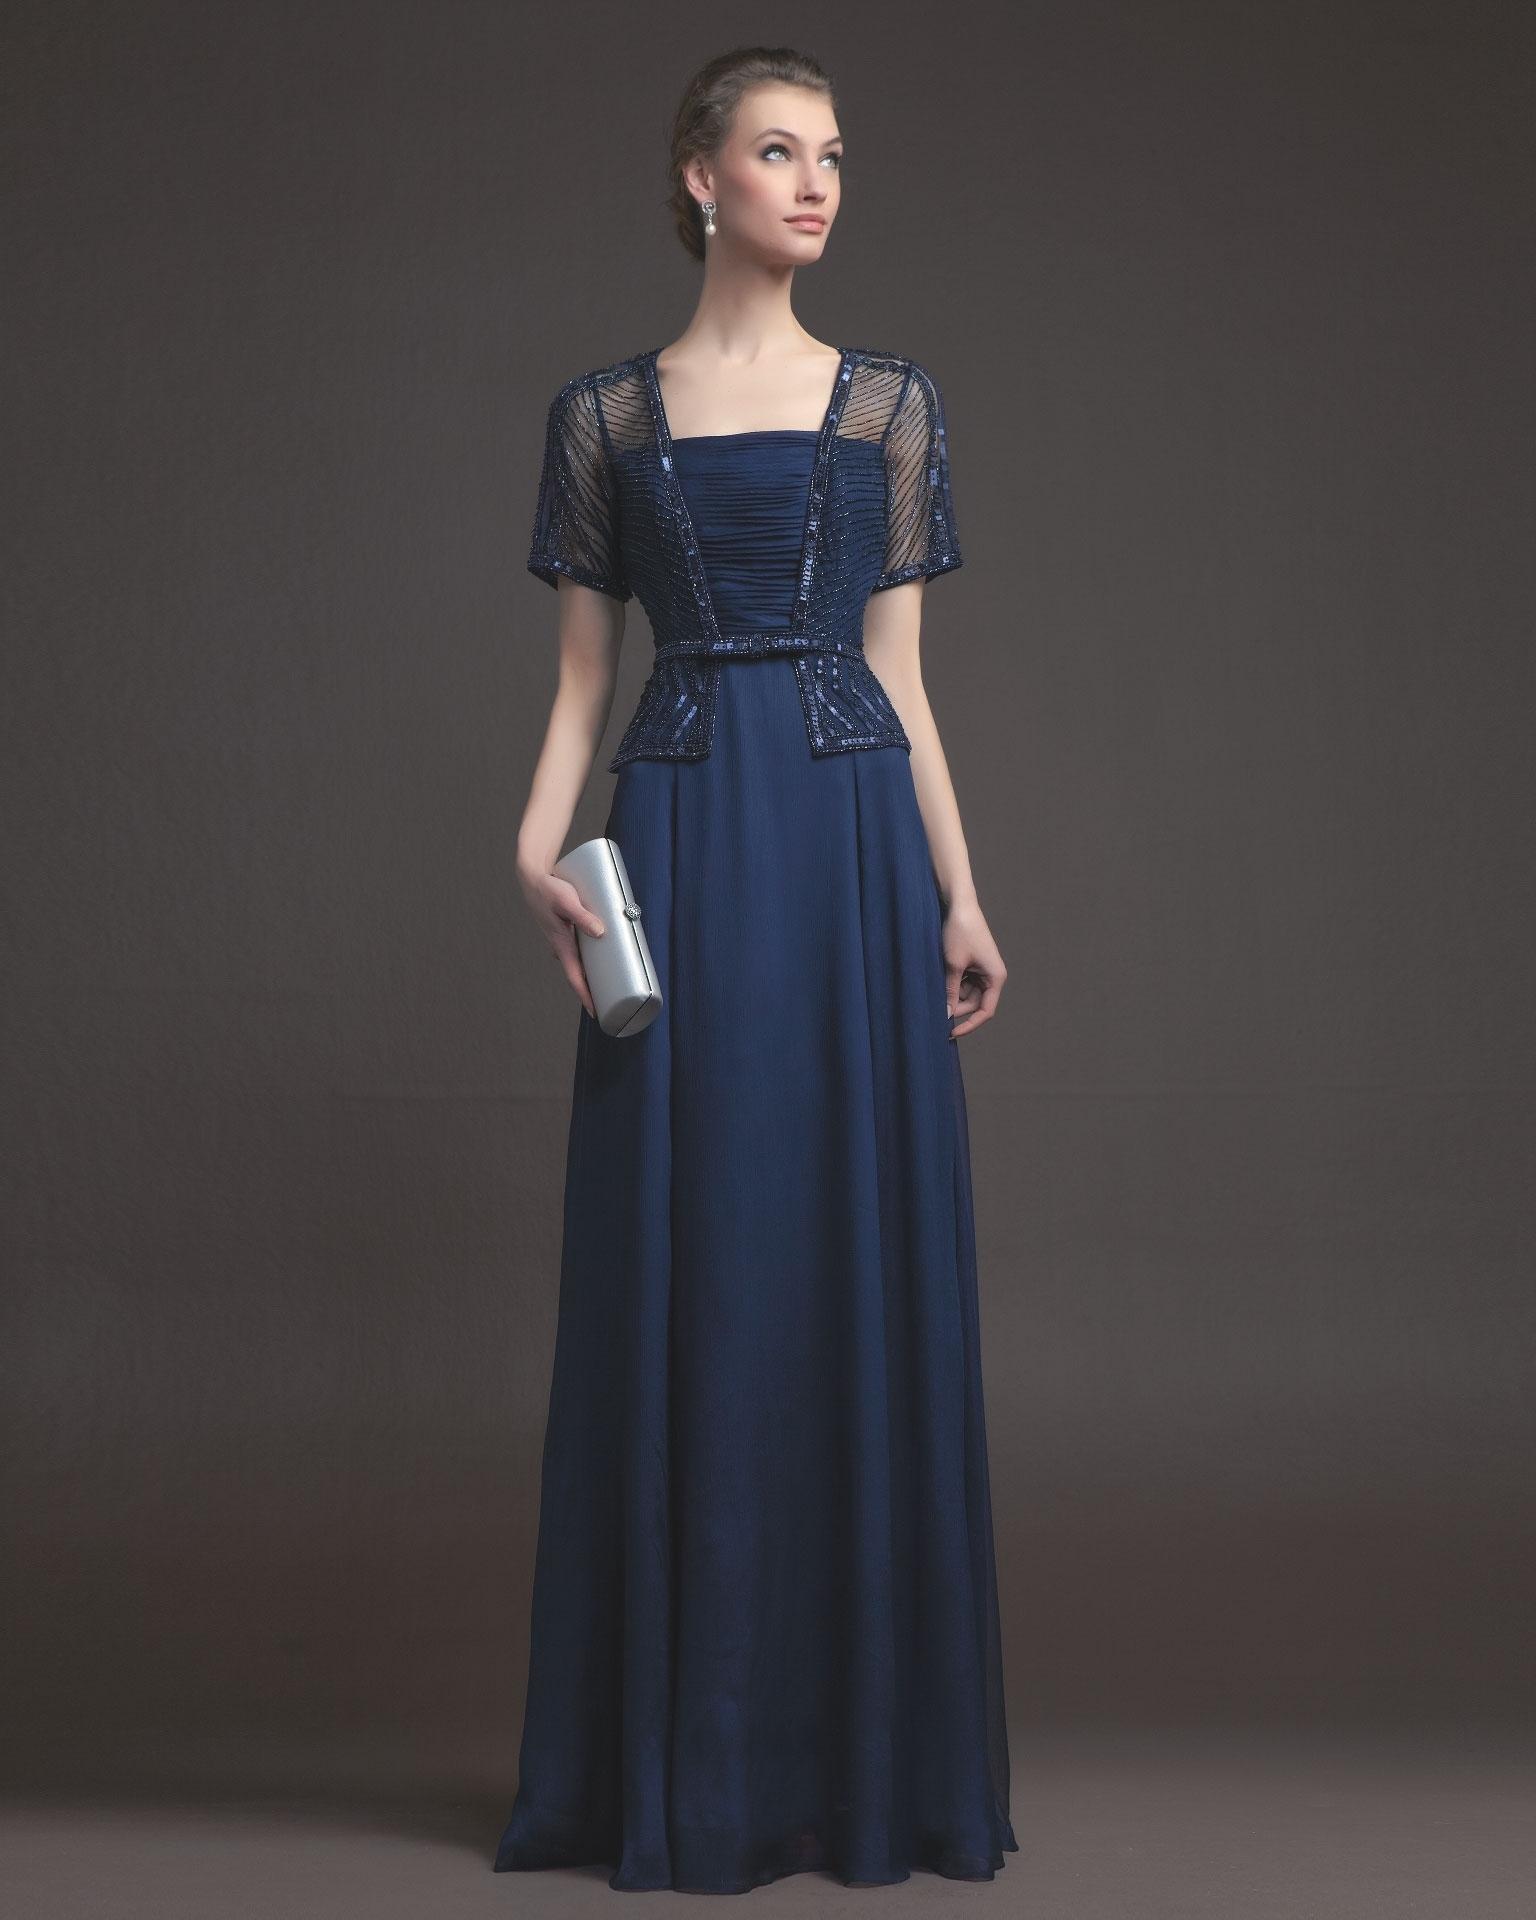 d2e336ac2eb7881 Вечерние платья для настоящих леди или коллекция Aire Barcelona 2014 ...